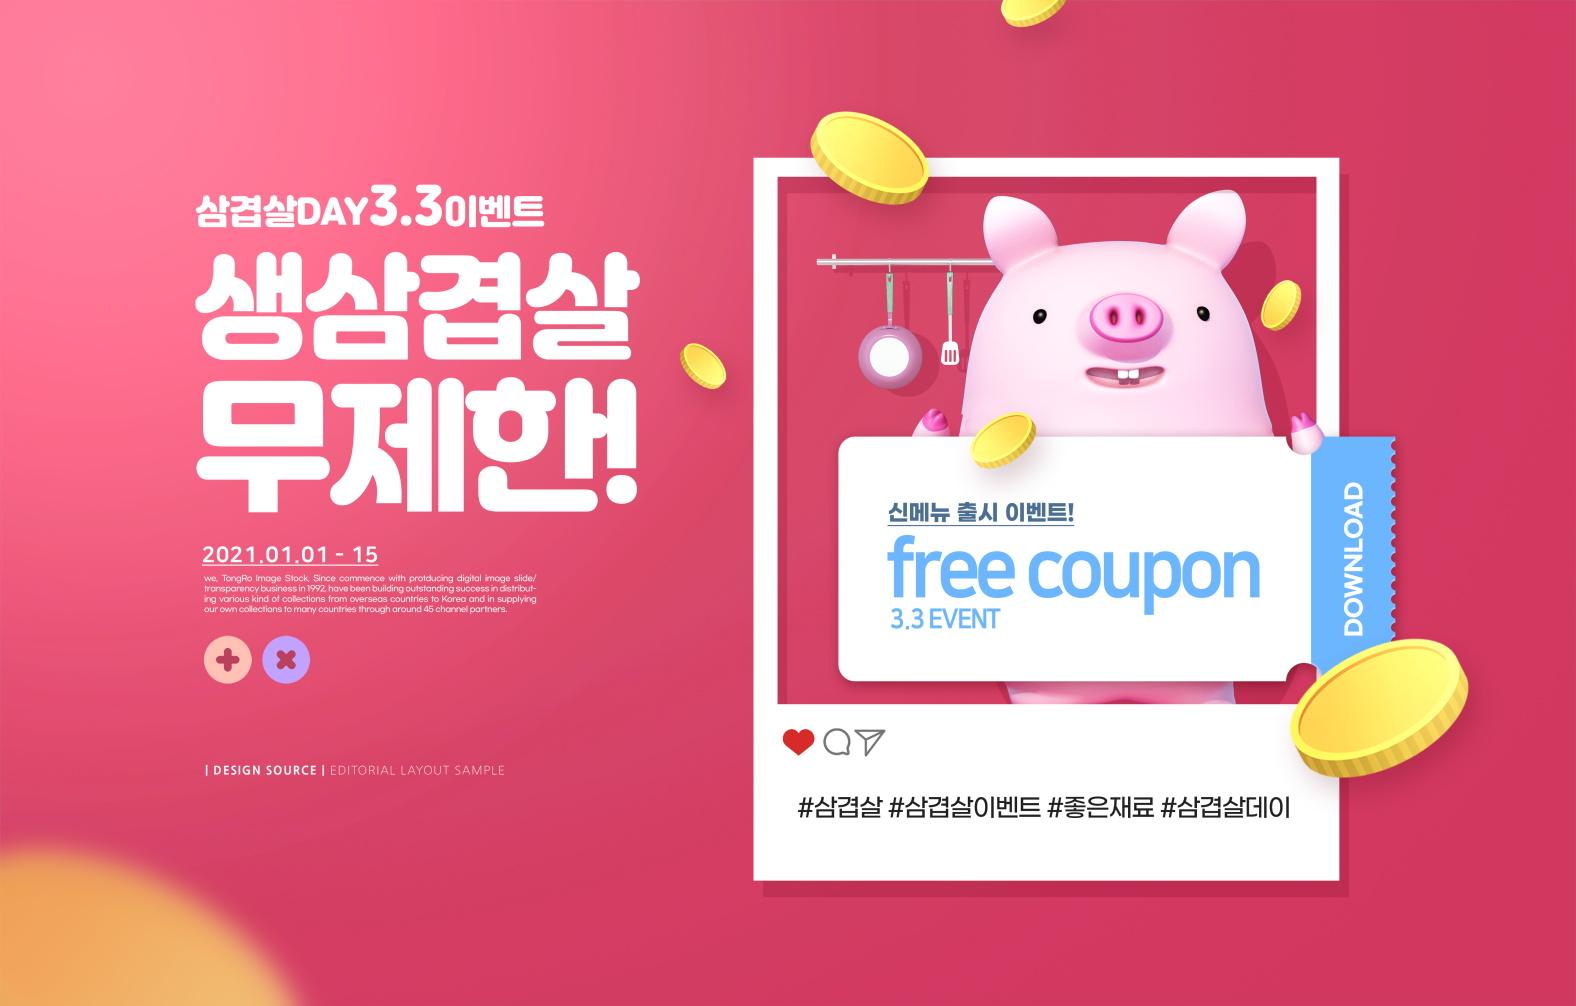 [单独购买] 16款时尚外卖金融手机购物促销海报设计PSD模板素材 Mobile Shopping Promotion Poster插图5